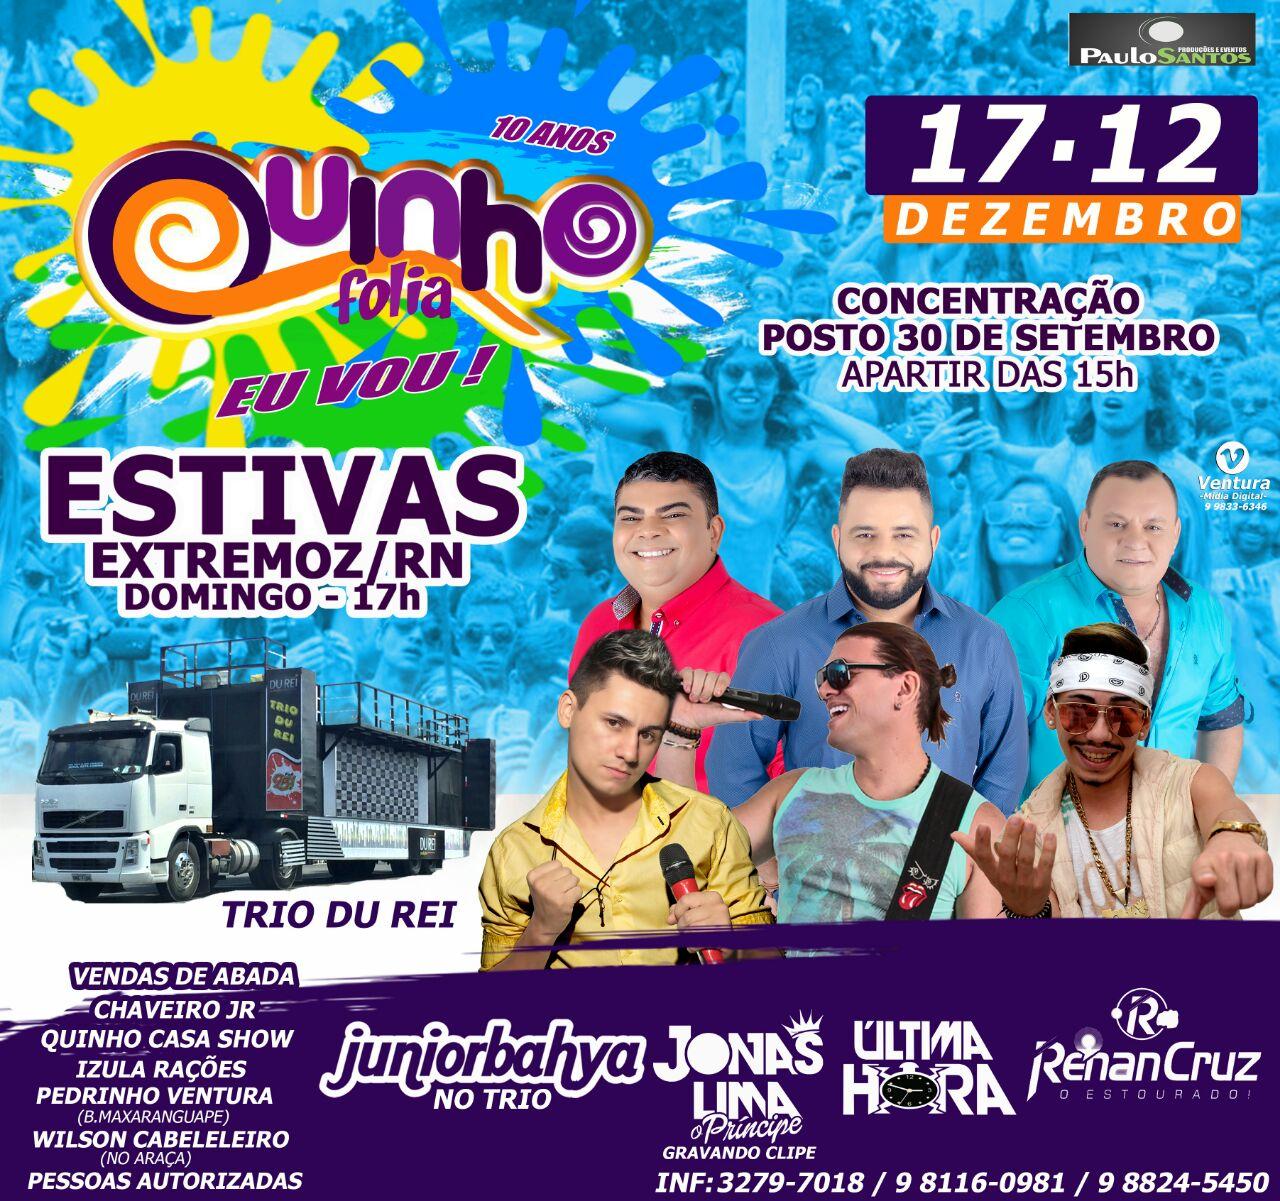 QUINHO FOLIA 2017 - EXTREMOZ